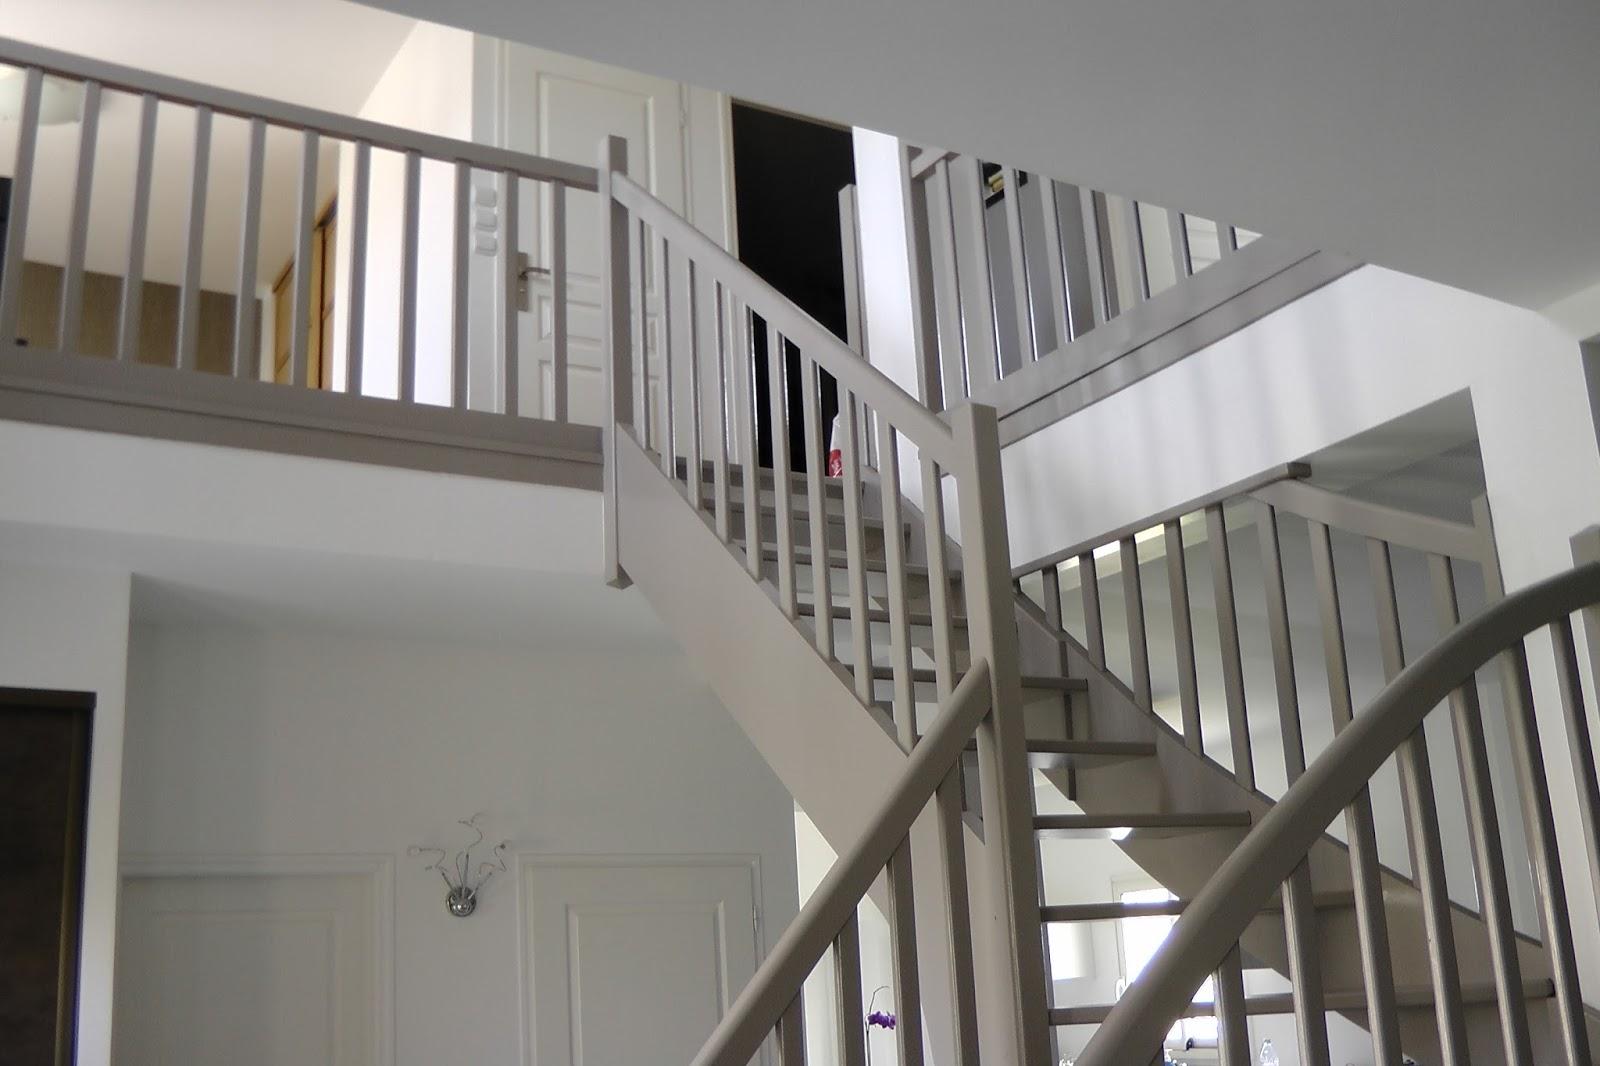 Ma maison lelievre toussus le noble 78 yvelines l for Maison de l escalier